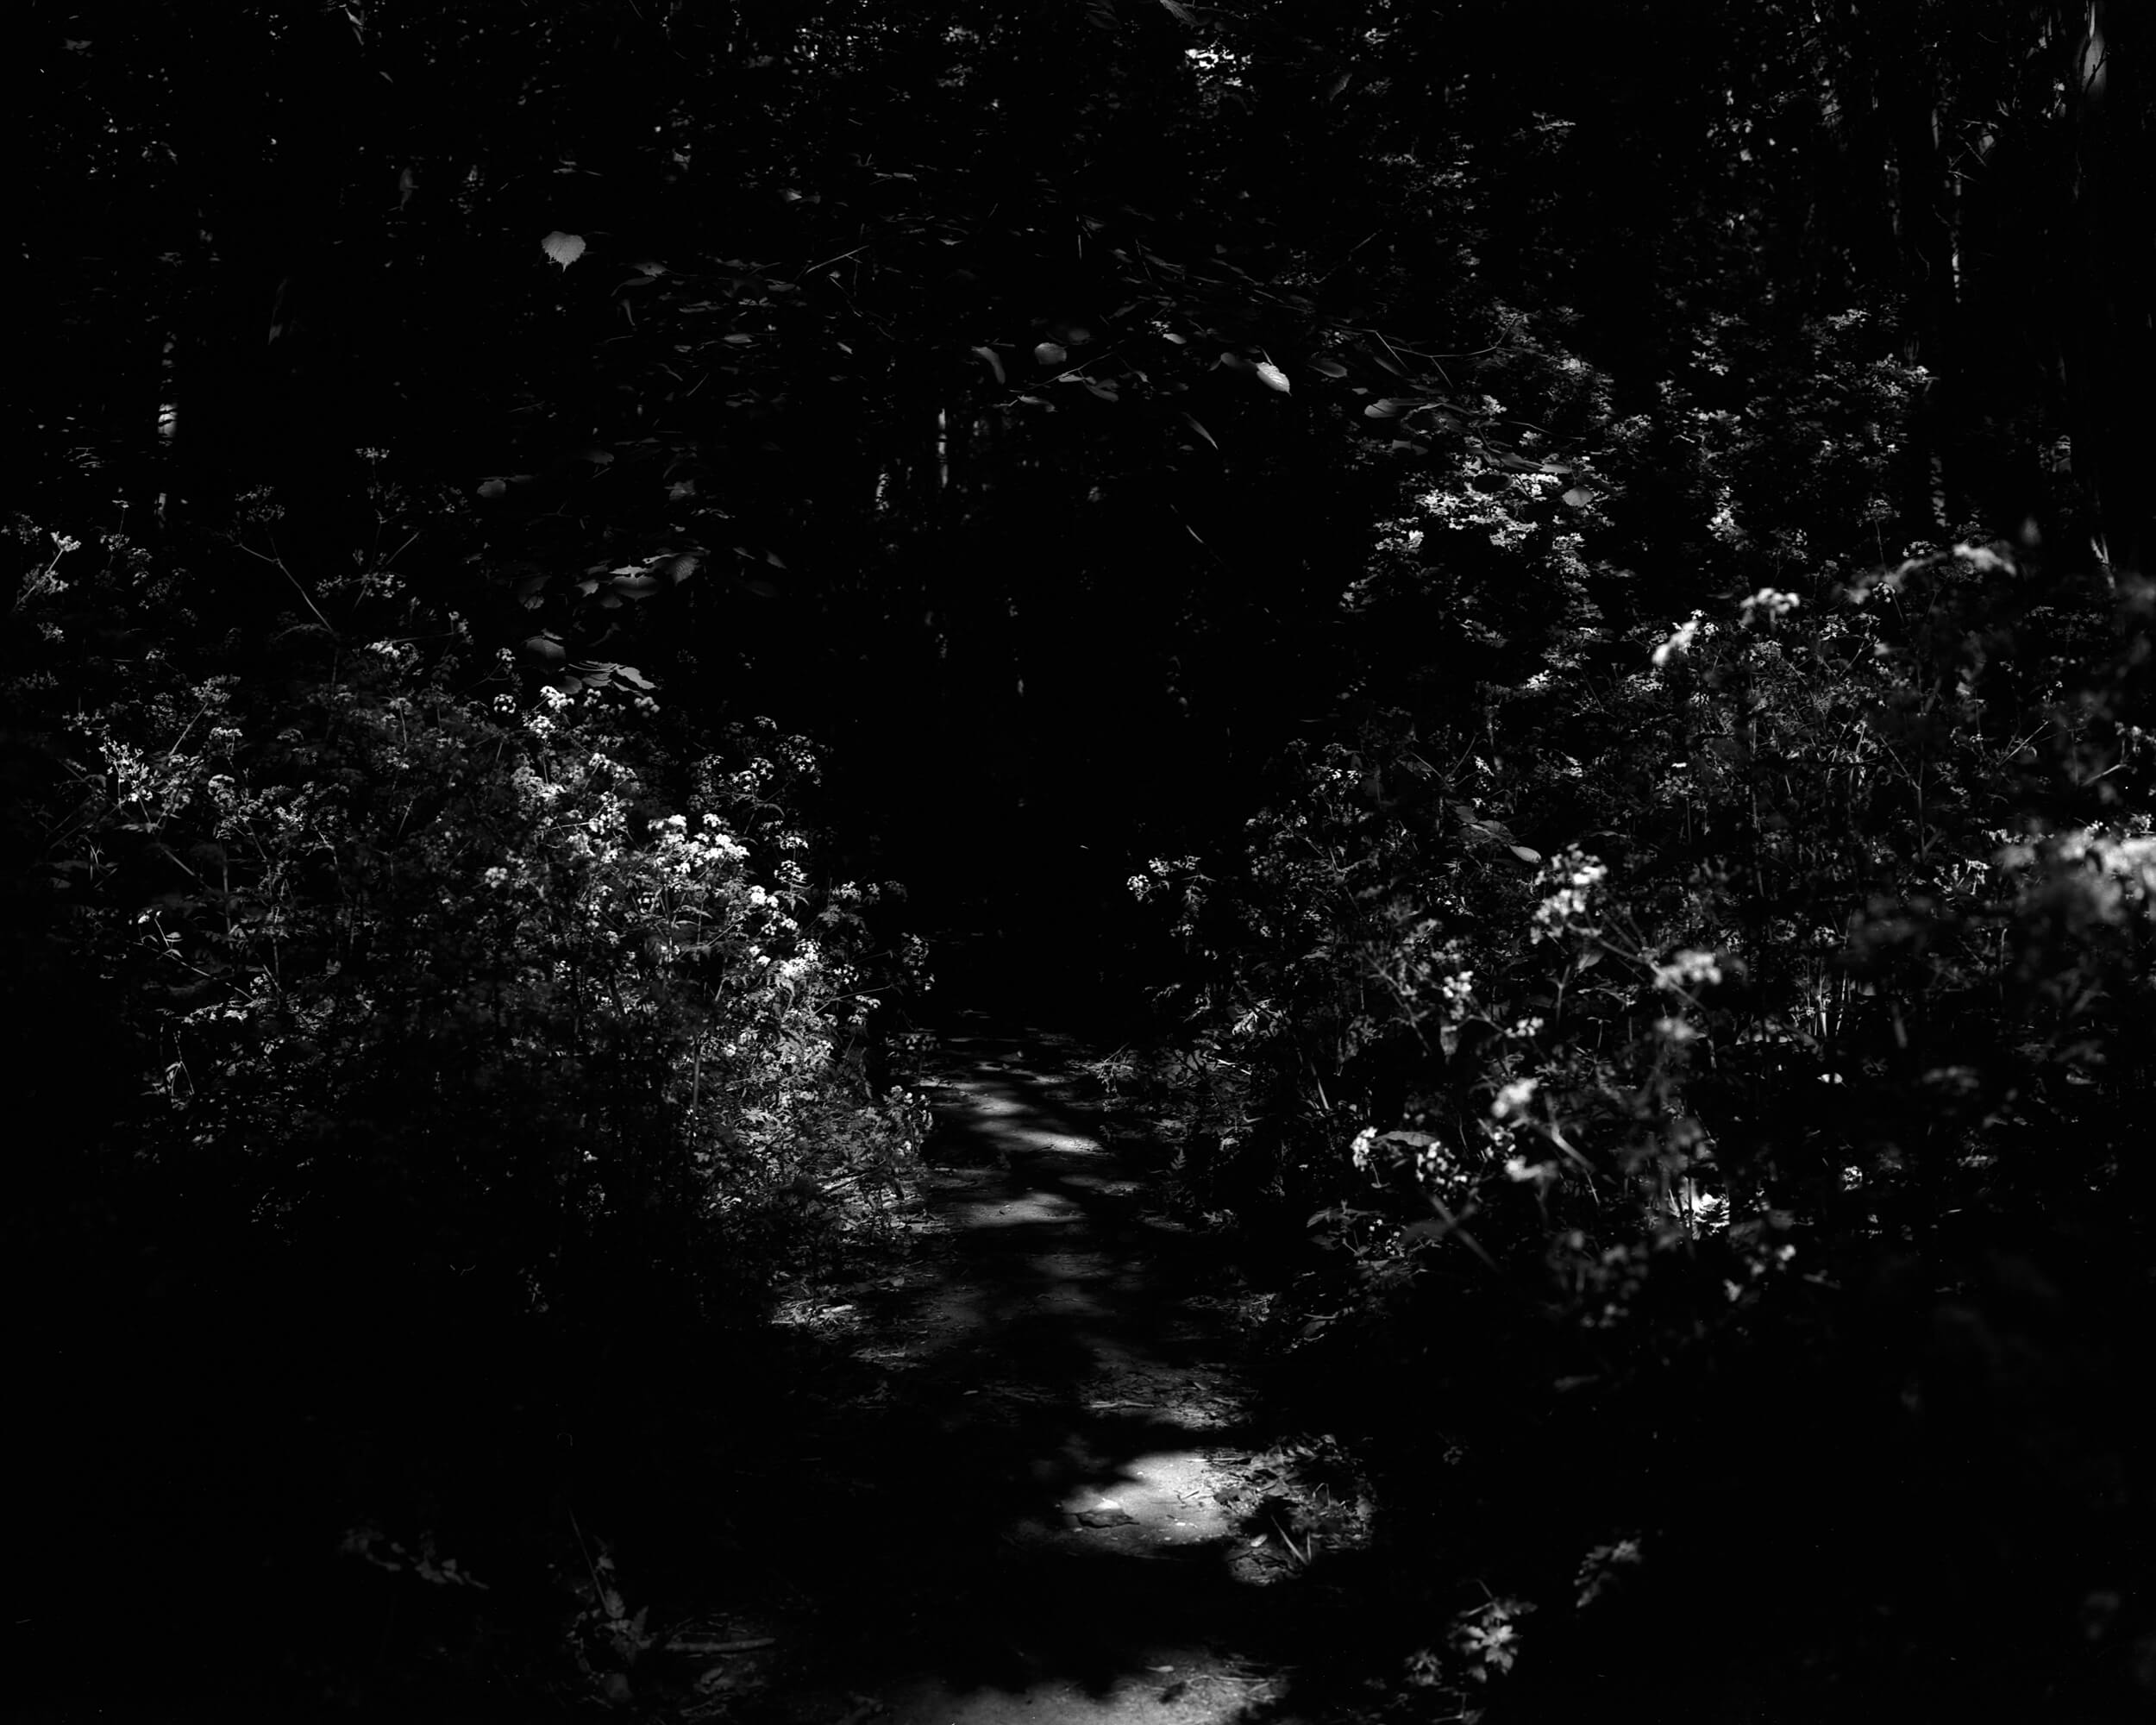 Darkness-At-Noon-8.jpg